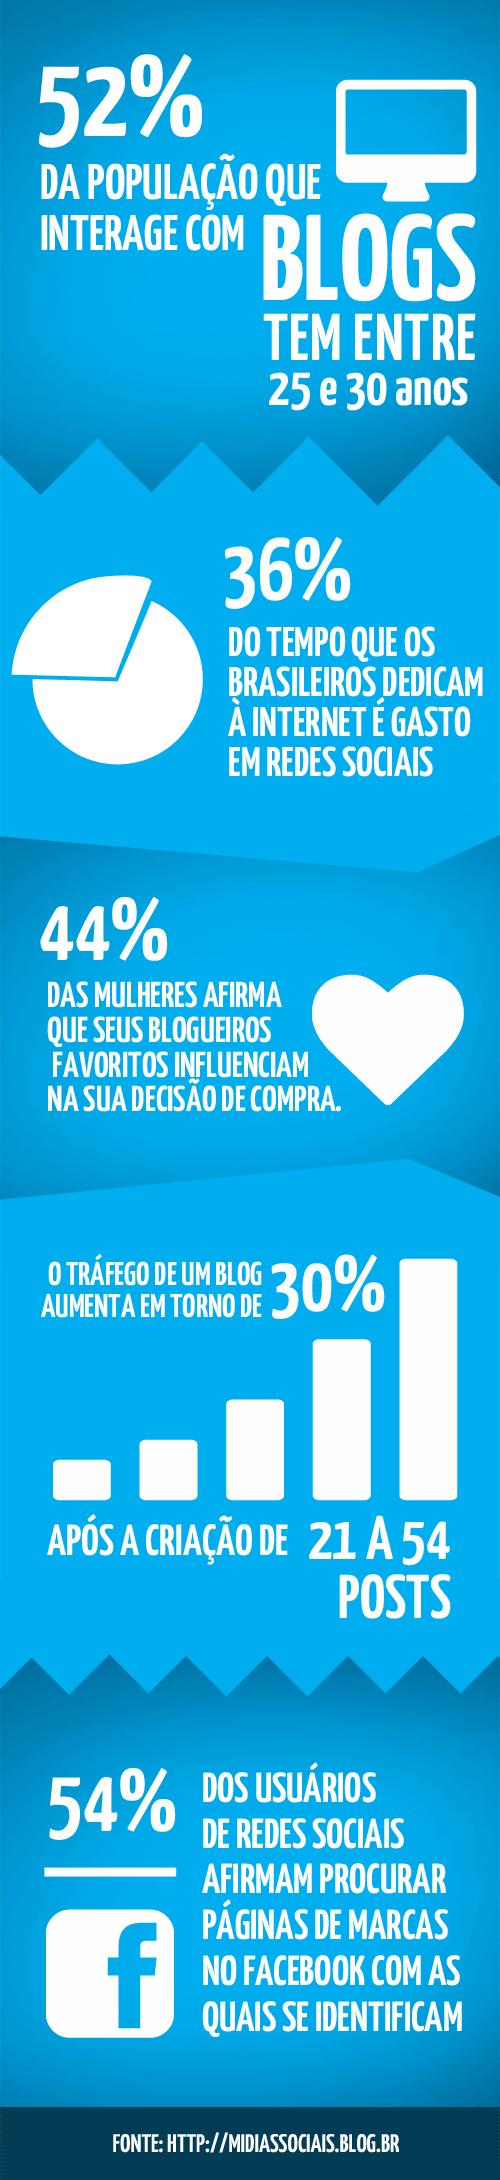 Infografico-GerConteudo